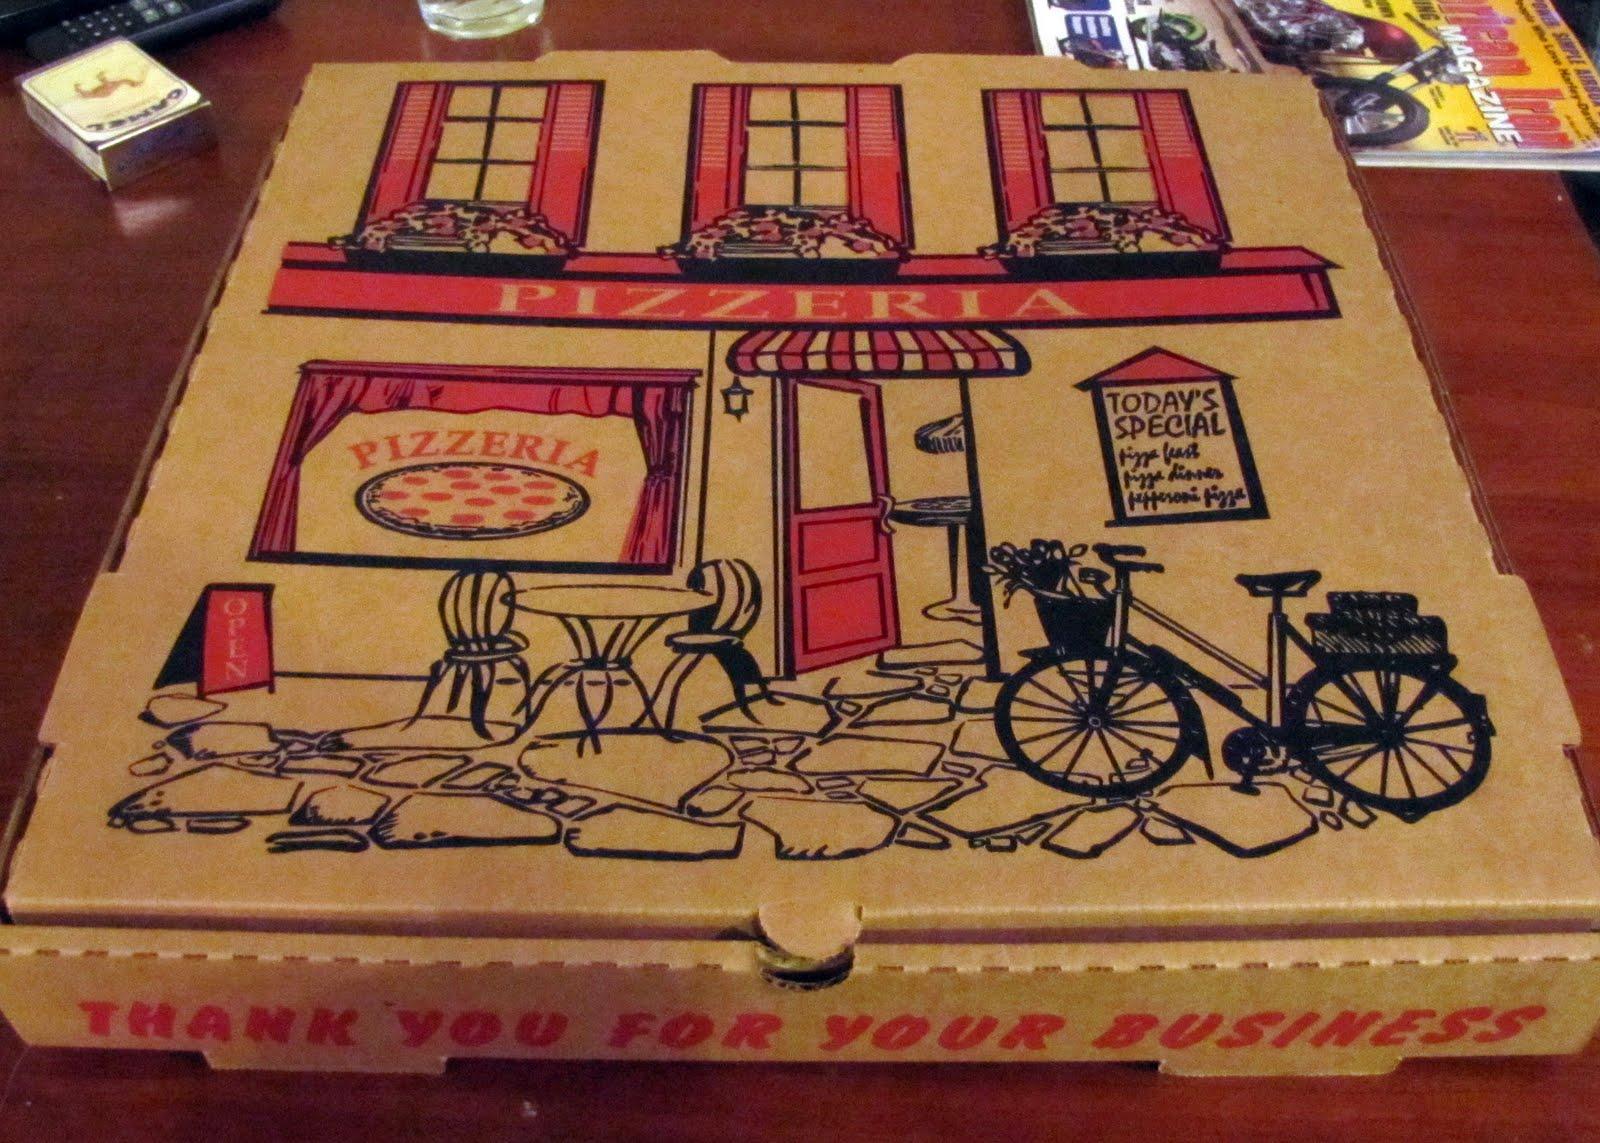 Al's+New+York+Cafe+pizza+box.jpg